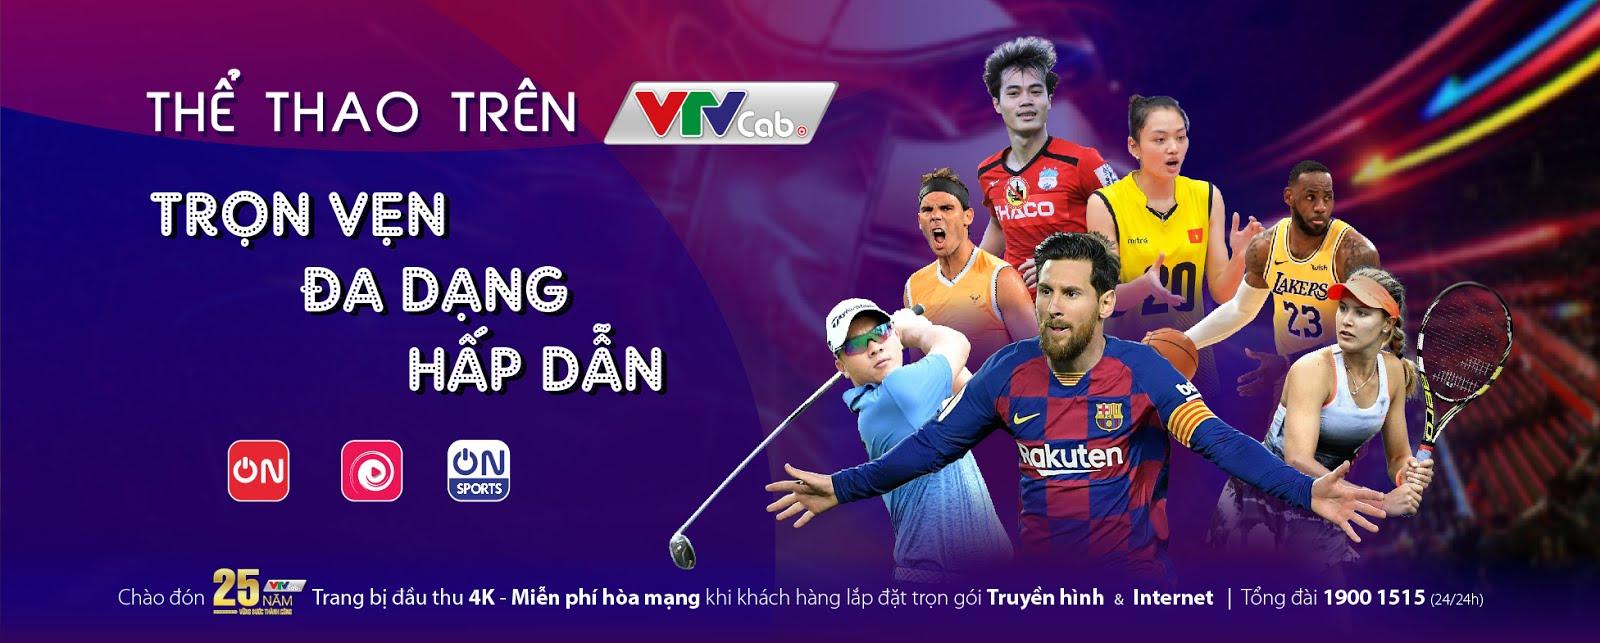 Trọn vẹn thể thao trên VTVCab